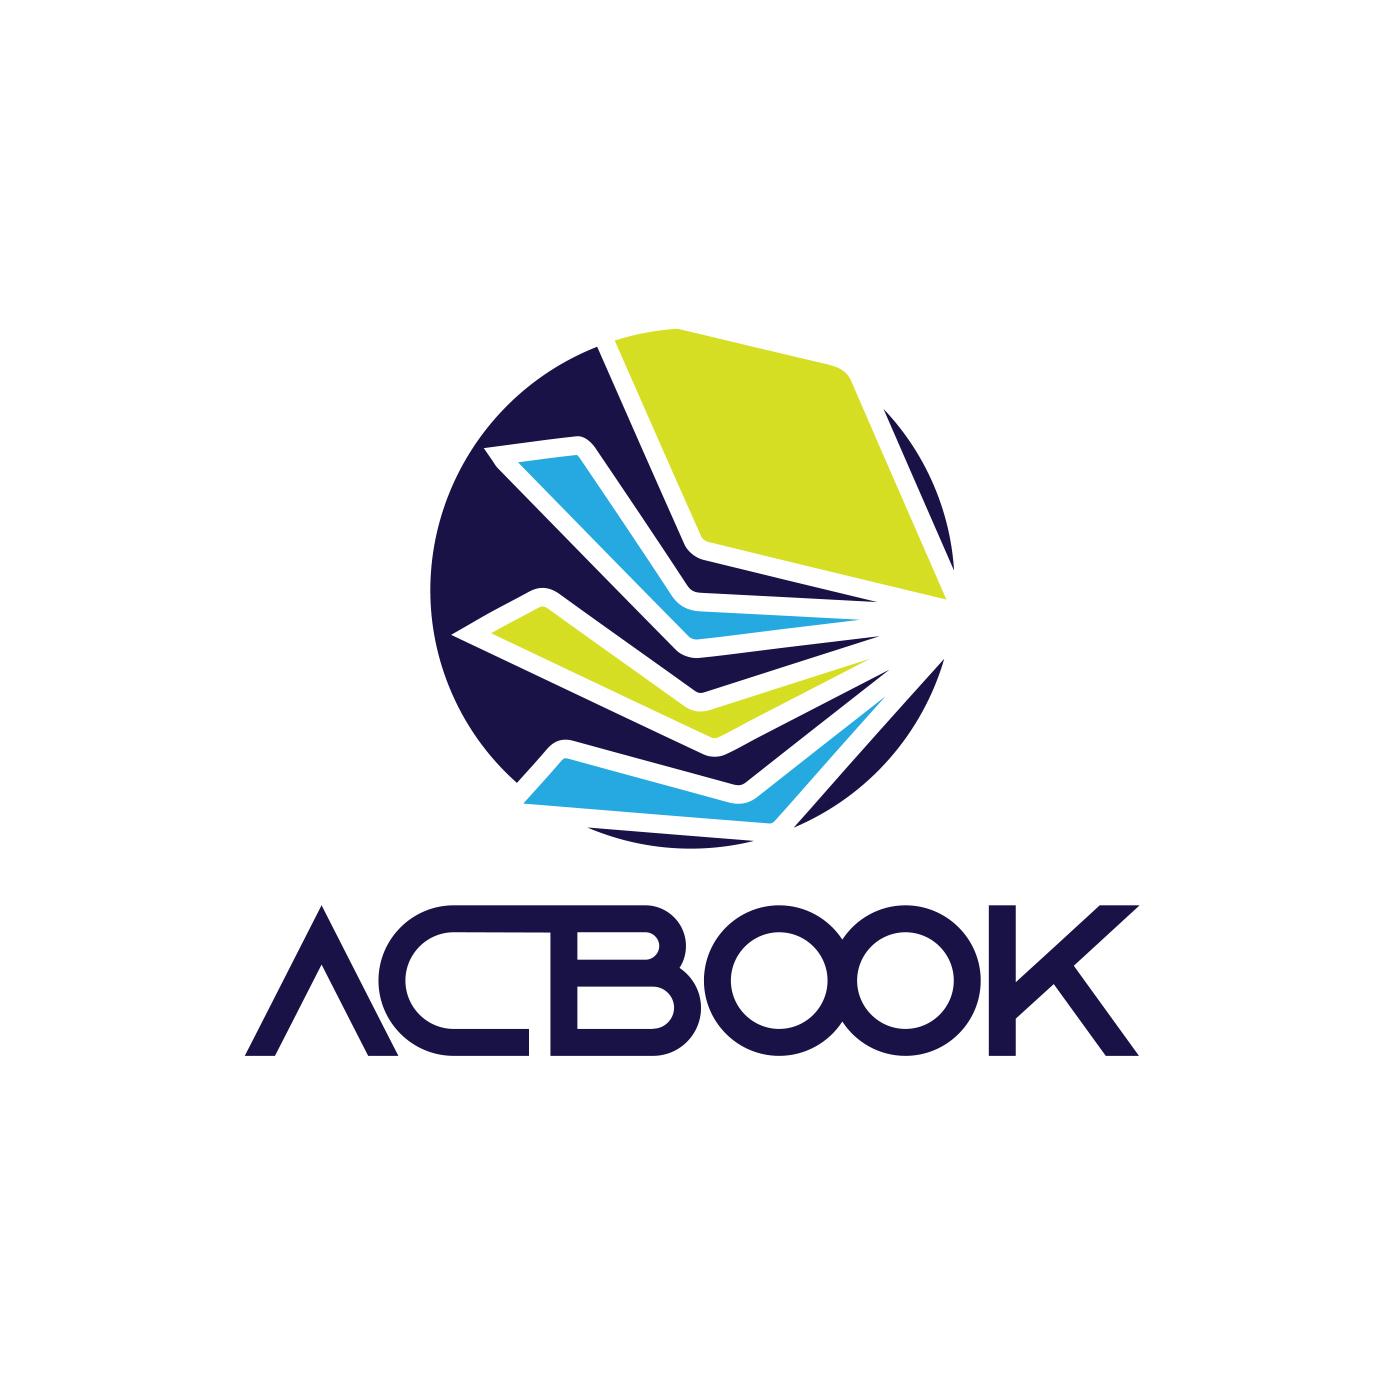 AC Book final.jpg